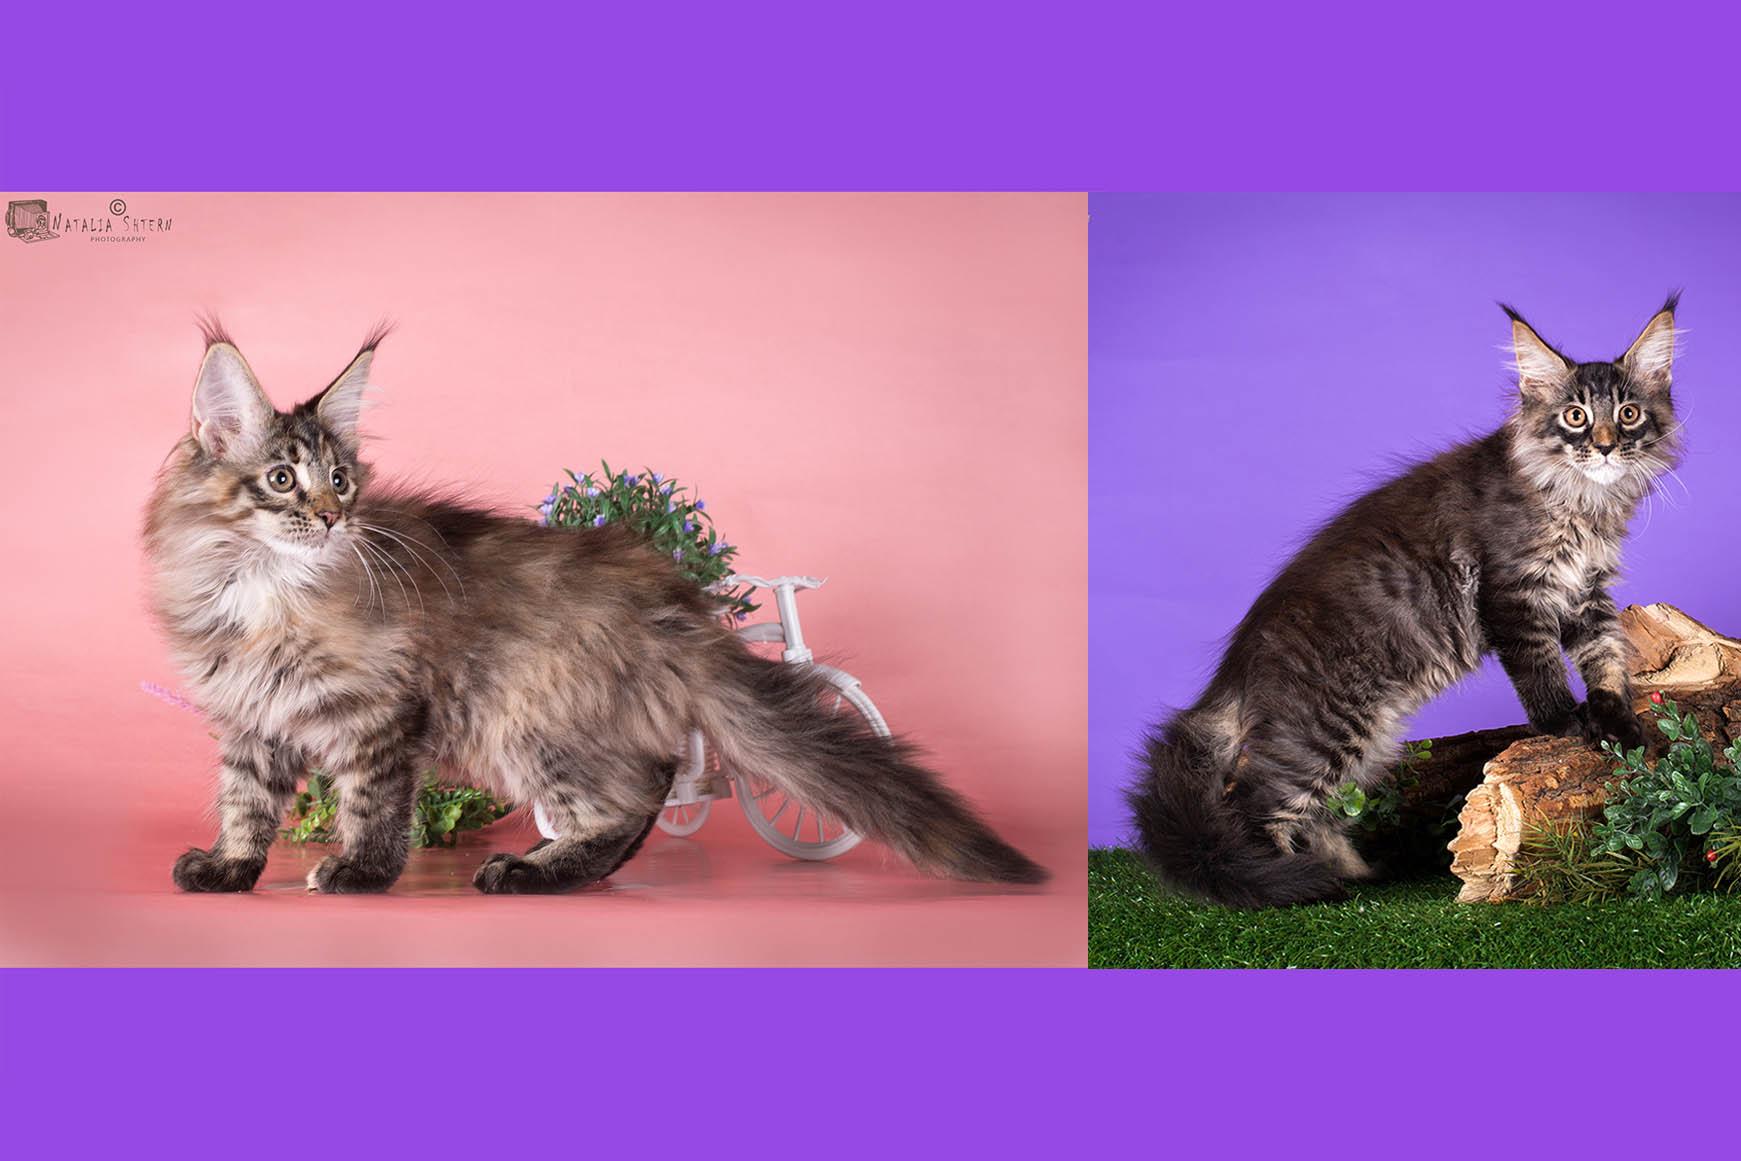 питомник кошек в орле для термобелья